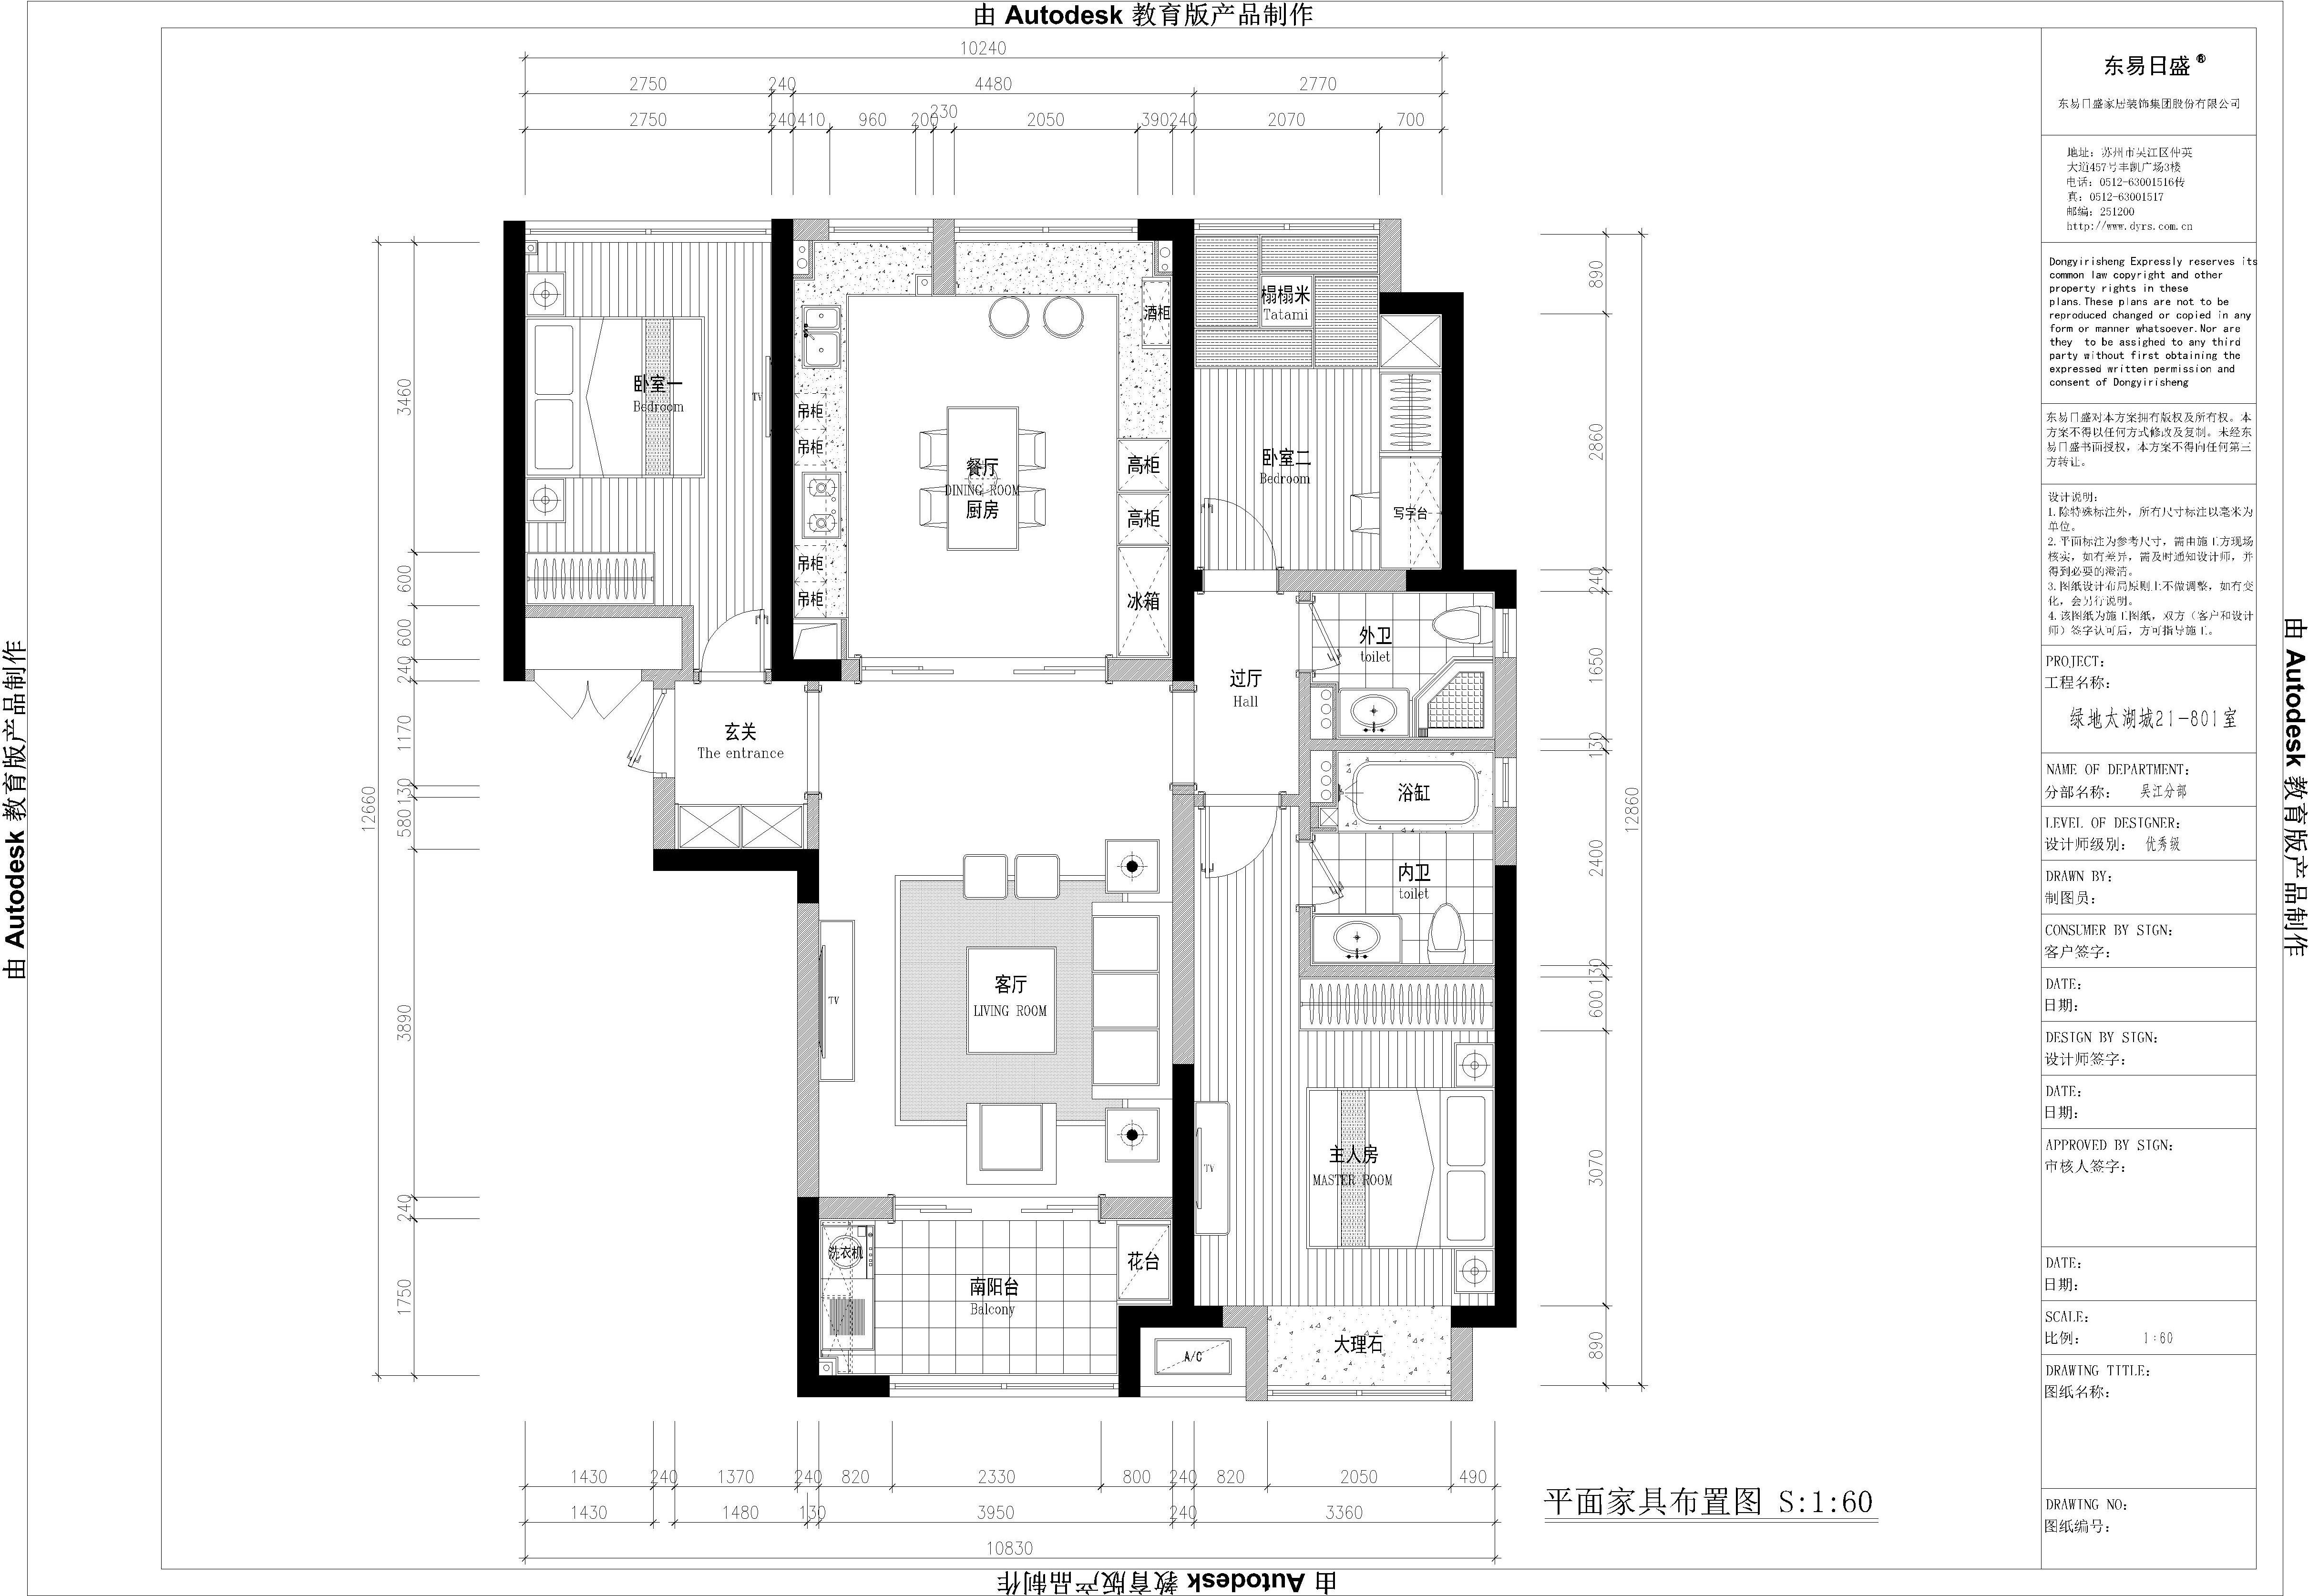 绿地太湖城128平米北欧风格装修效果图装修设计理念